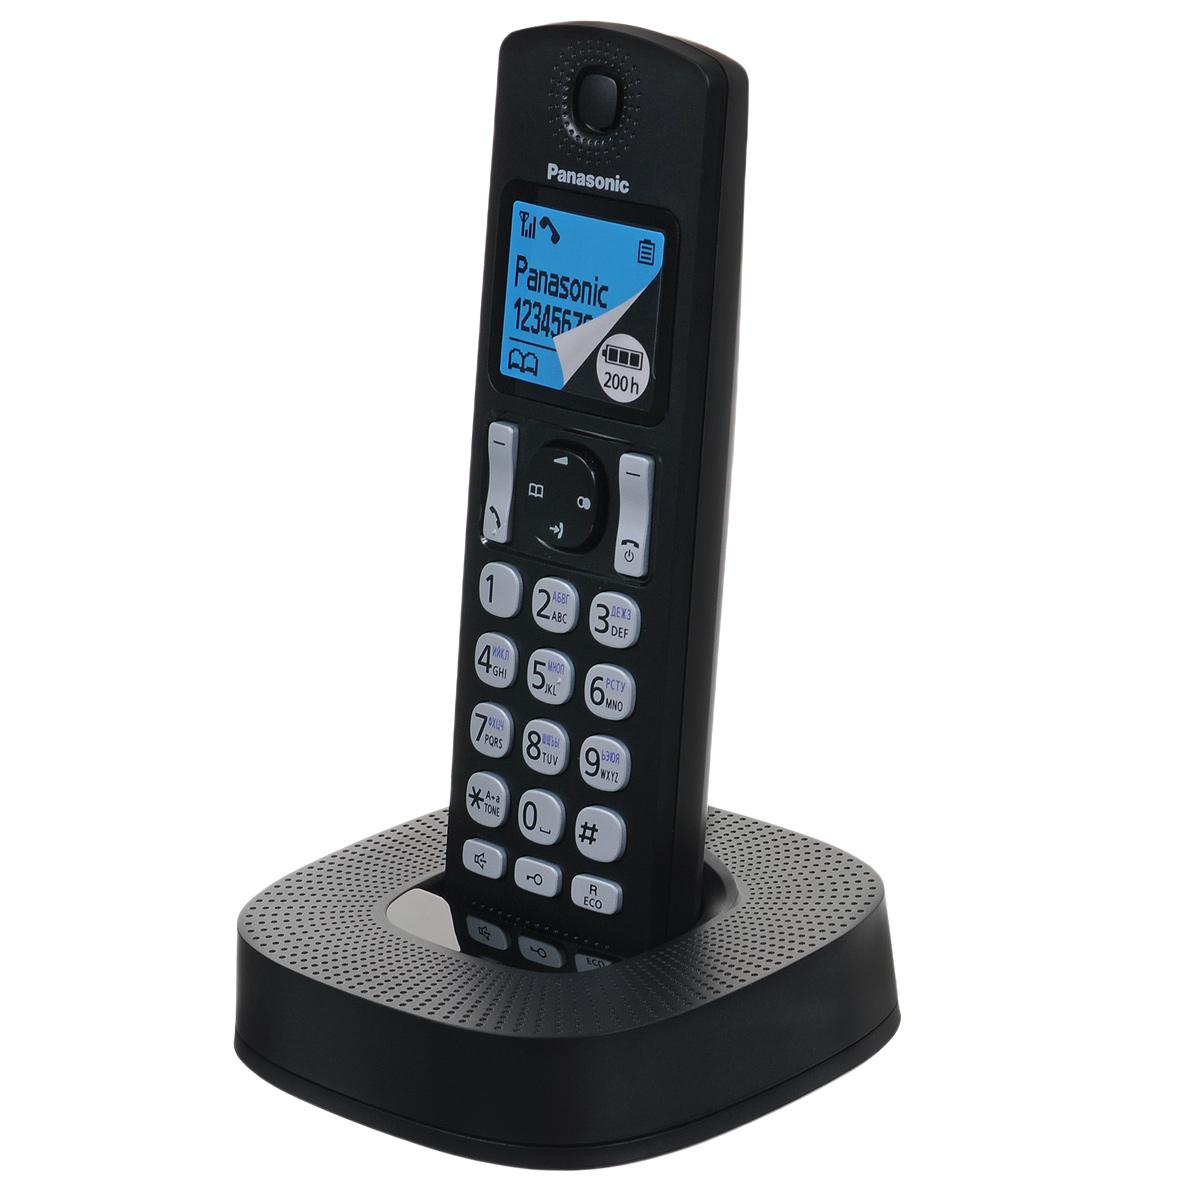 Panasonic KX-TGC310RU1, Black DECT телефонKX-TGC310RU1Panasonic KX-TGC310RU - компактный и стильный DECT-телефон, который впишется в любой интерьер. Сведите к минимуму количество нежелательных звонков. Вы можете заблокировать любой выбранный номер, а также любые последовательности чисел (от 2 до 8 цифр), совпадающие с номерами, внесенными в черный список. С помощью специальной кнопки блокировки клавиш вы можете избежать случайных вызовов и нежелательных изменений настроек, поэтому телефон можно с удобством носить в кармане. Питание устройства осуществляется от аккумуляторов типа Ni-MH (в комплекте). Функция быстрого набора - есть